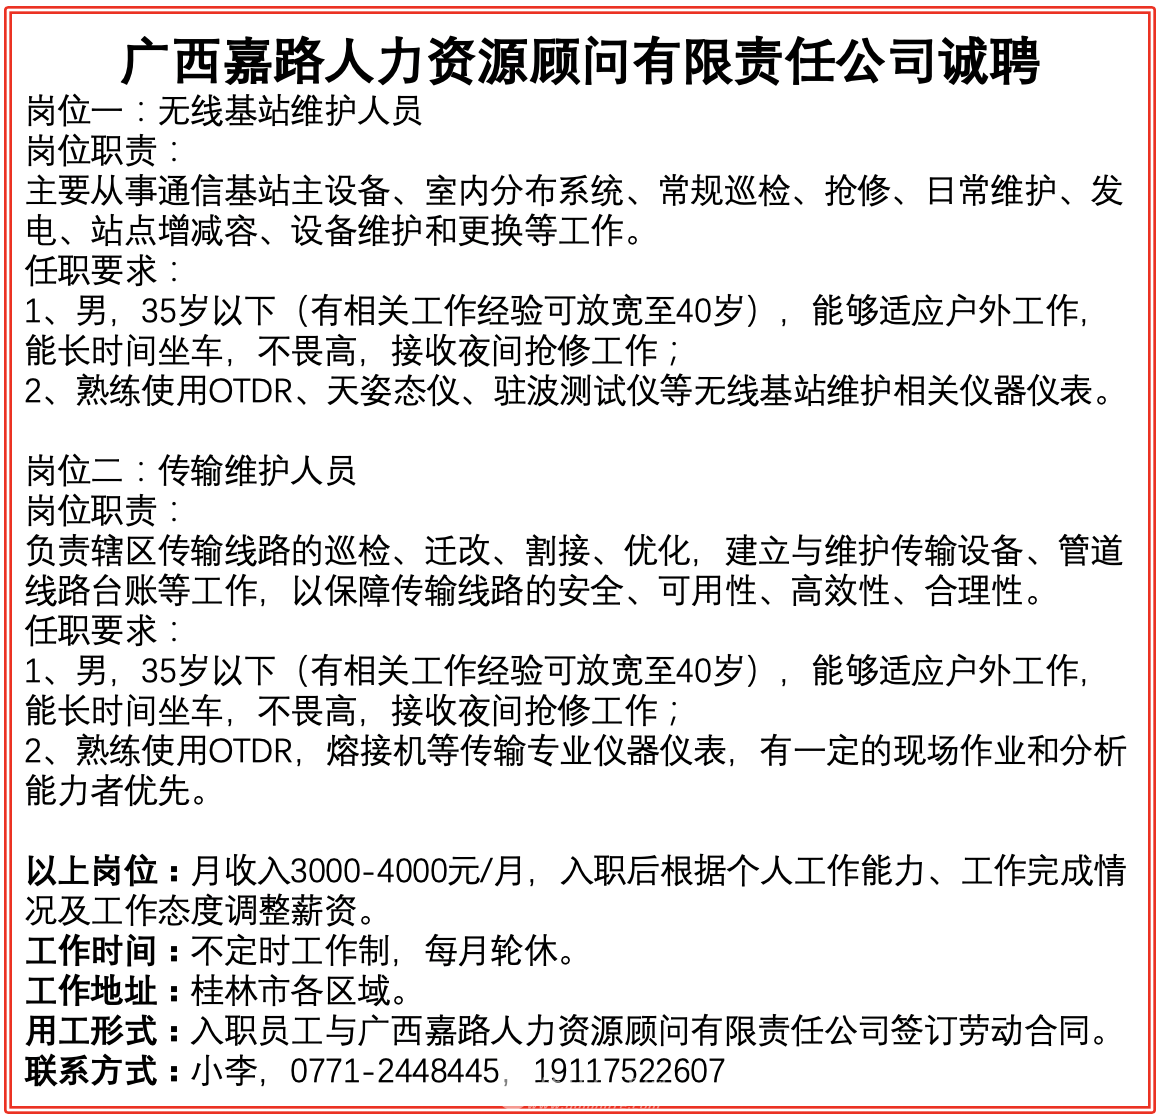 广西嘉路人力资源顾问有限责任公司诚聘!!